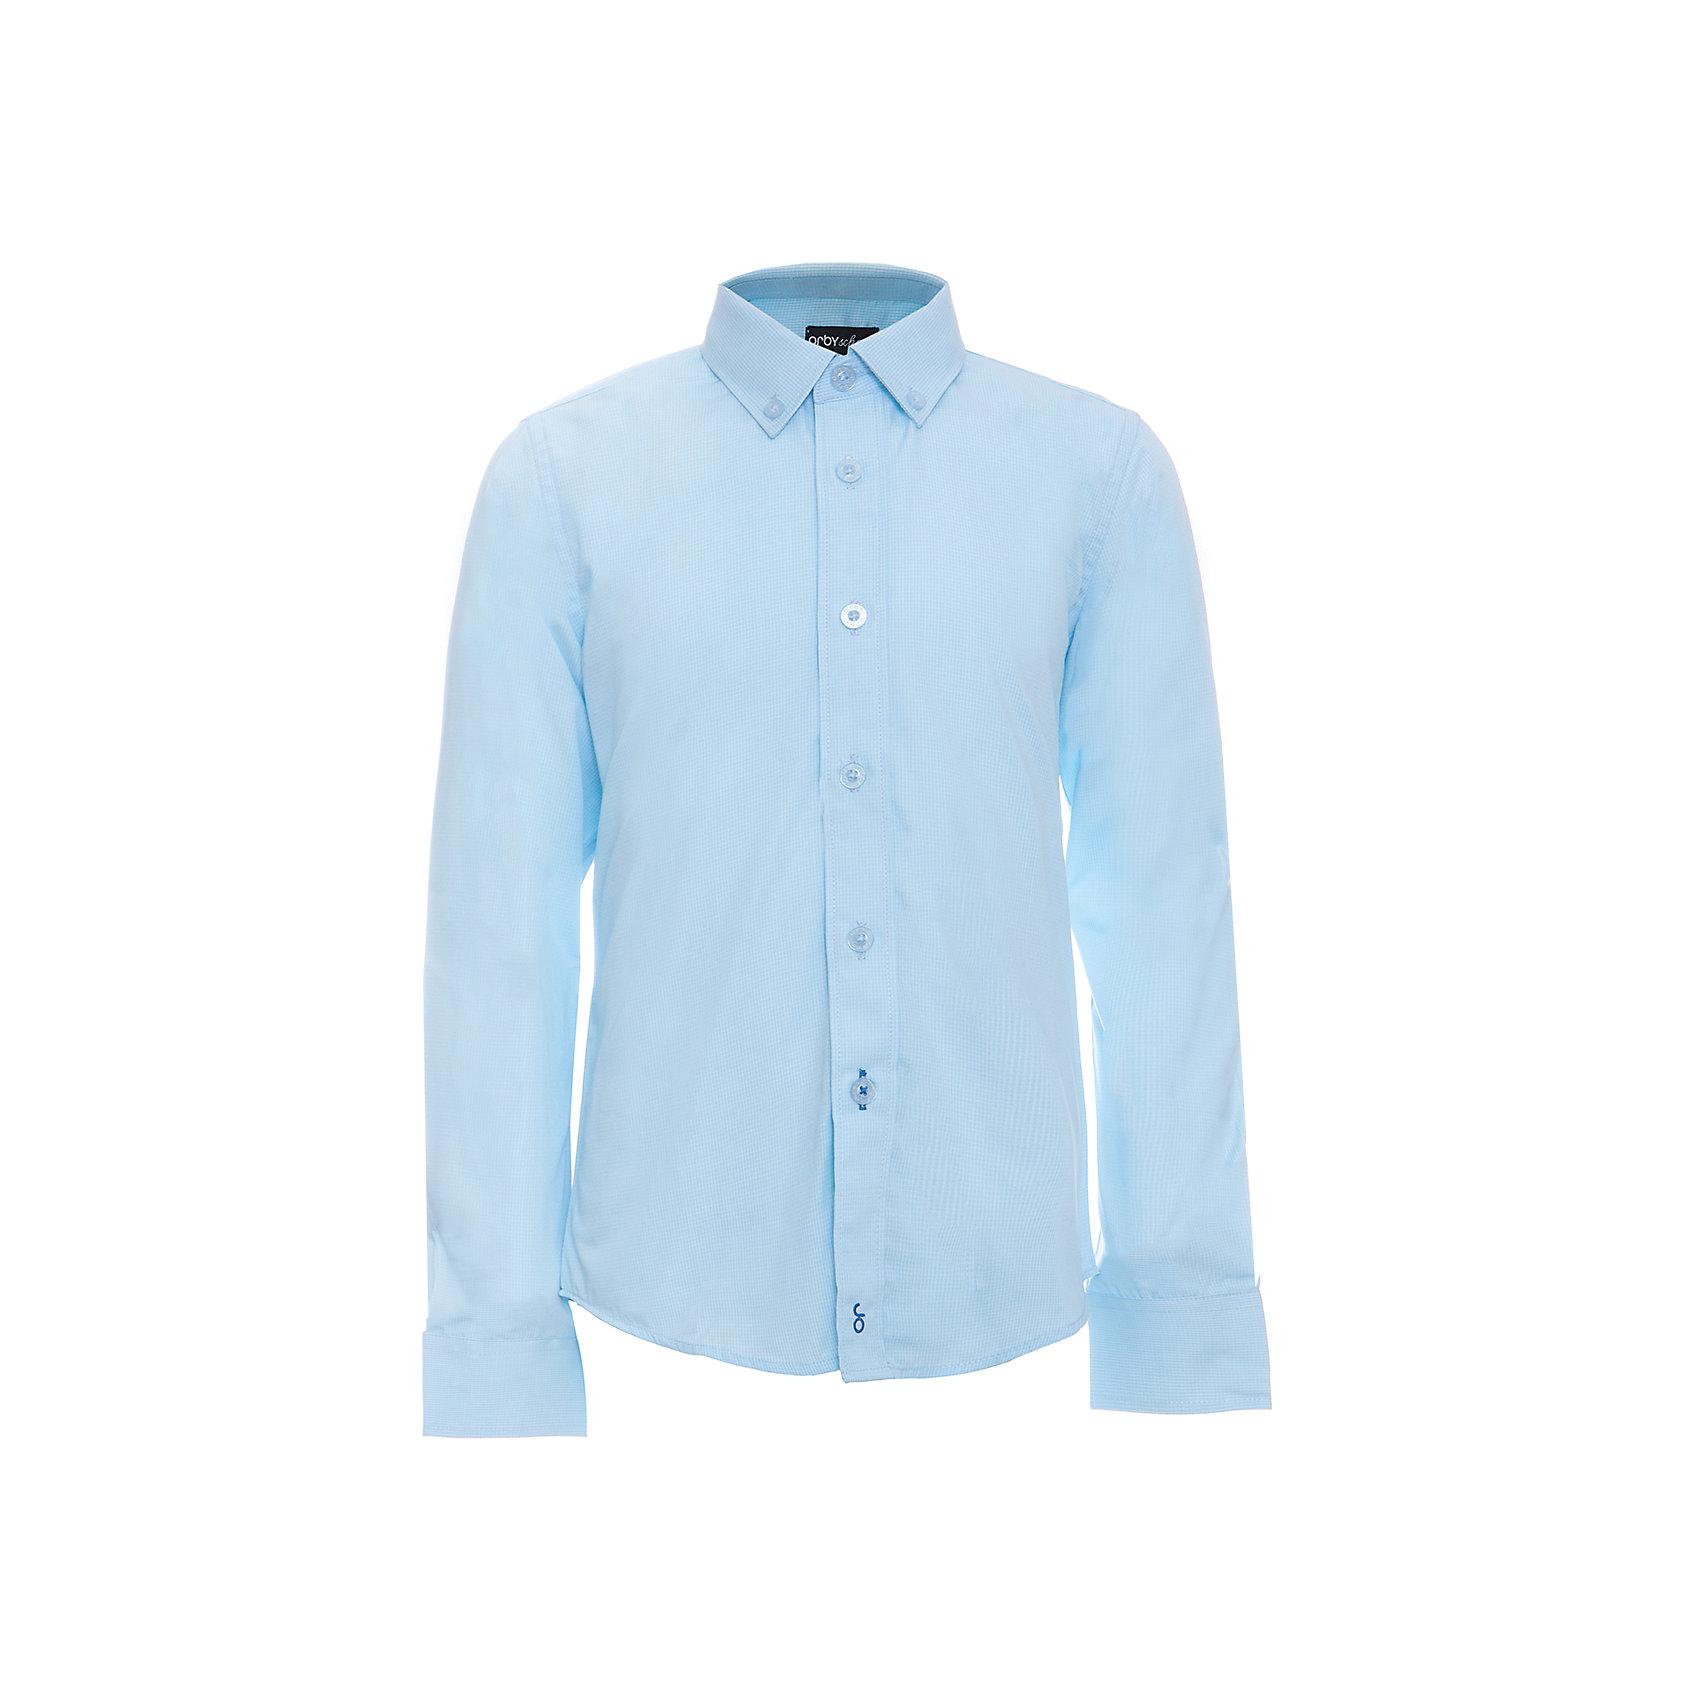 Рубашка для мальчика OrbyБлузки и рубашки<br>Характеристики товара:<br><br>• цвет: голубой<br>• состав ткани: 40% хлопок, 60% ПЭ<br>• особенности: школьная, праздничная<br>• длинные рукава<br>• застежка: пуговицы<br>• отложной воротник<br>• сезон: круглый год<br>• страна бренда: Россия<br>• страна изготовитель: Россия<br><br>Классическая голубая рубашка для мальчика Orby - поможет ребенку выглядеть стильно и чувствовать себя комфортно. Голубая сорочка хорошо дополнит школьную форму. <br><br>Школьная рубашка сшита из материала с добавлением натурального хлопка.<br><br>Рубашку для мальчика Orby (Орби) можно купить в нашем интернет-магазине.<br><br>Ширина мм: 174<br>Глубина мм: 10<br>Высота мм: 169<br>Вес г: 157<br>Цвет: голубой<br>Возраст от месяцев: 156<br>Возраст до месяцев: 168<br>Пол: Мужской<br>Возраст: Детский<br>Размер: 164,122,128,134,140,146,152,158<br>SKU: 6960334